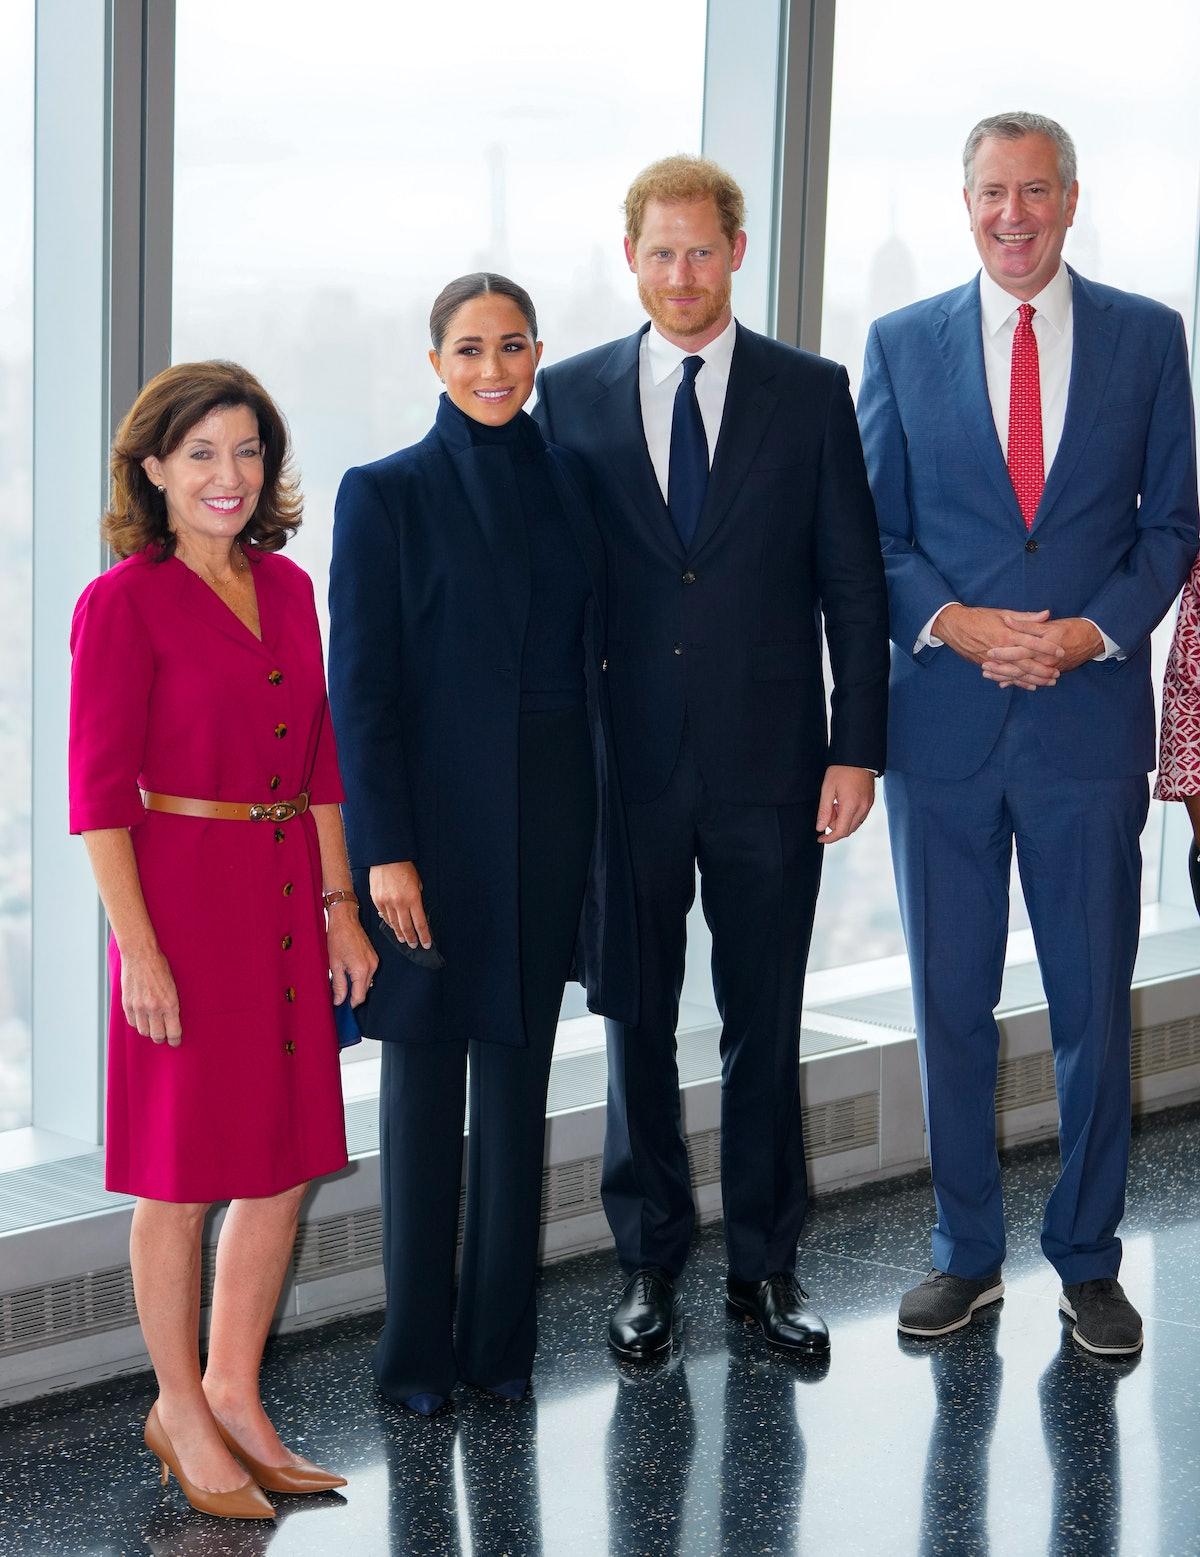 فرماندار کتی هوچول ، شاهزاده هری ، دوک ساسکس ، مگان ، دوشس ساسکس و شهردار بیل دی بلا ...